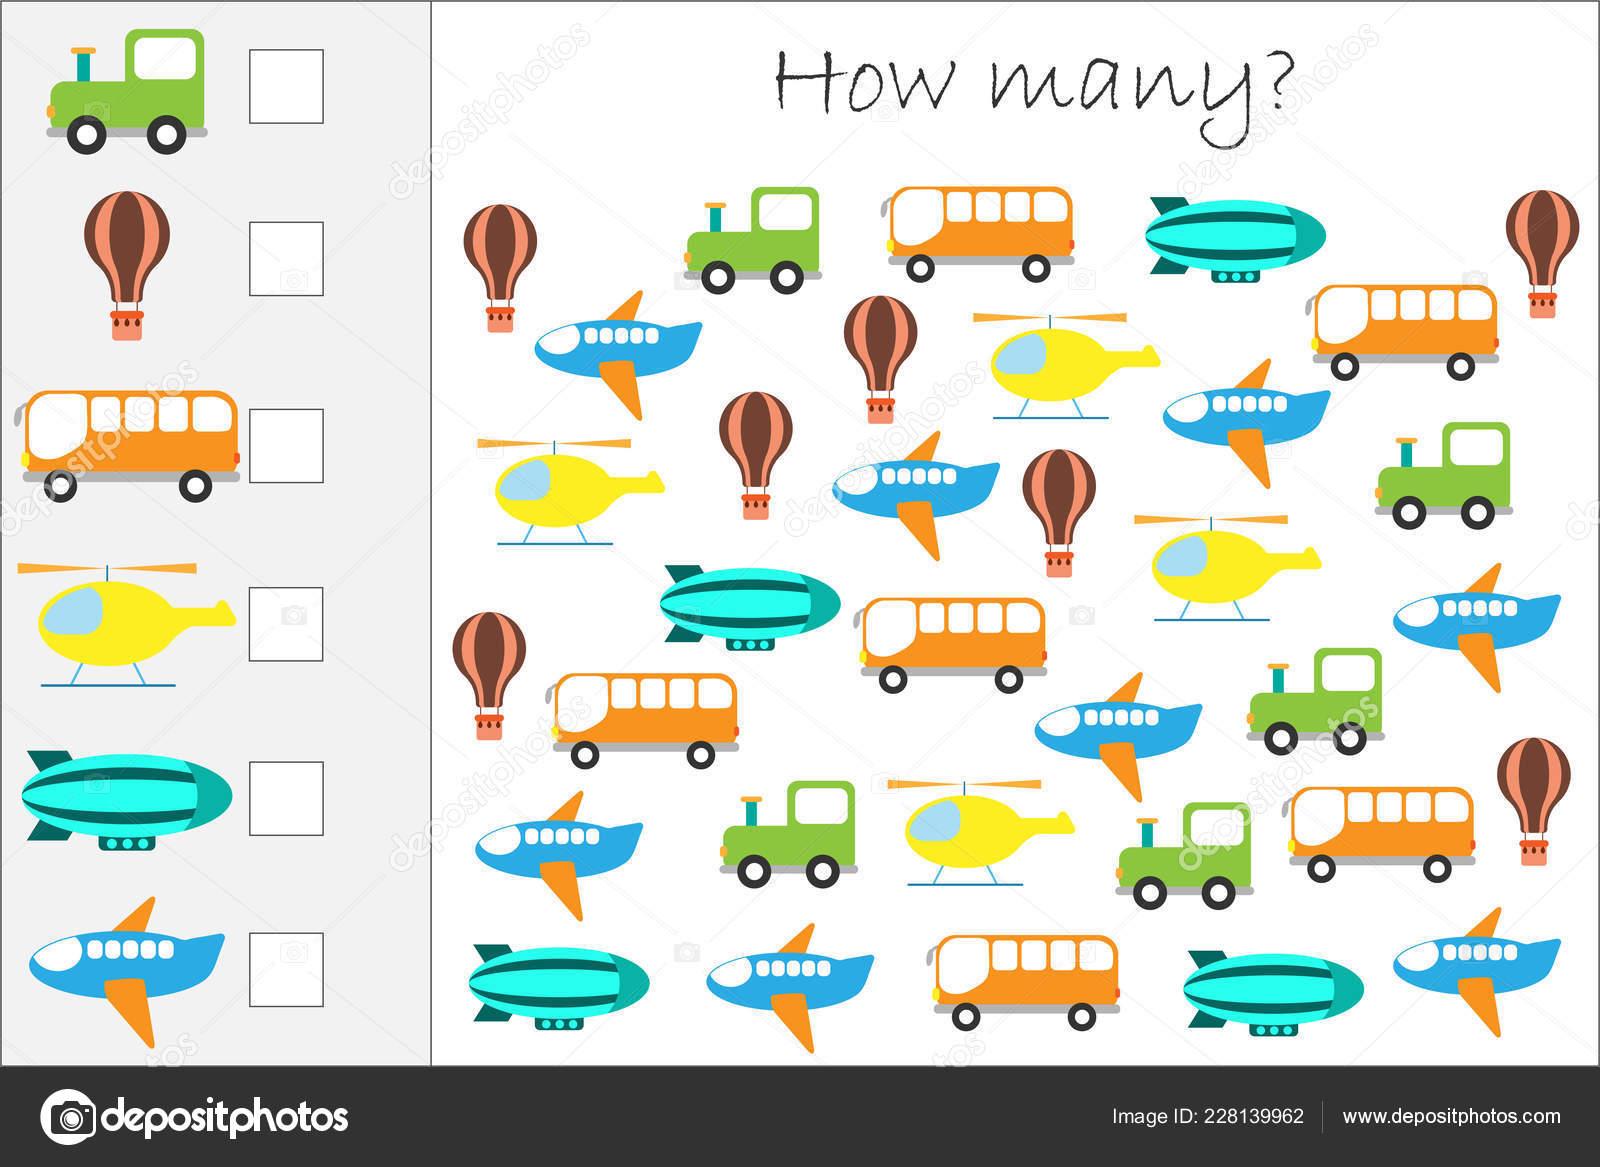 çocuklar Mantıksal Düşünme Okul öncesi çalışma Sayfası Etkinlik